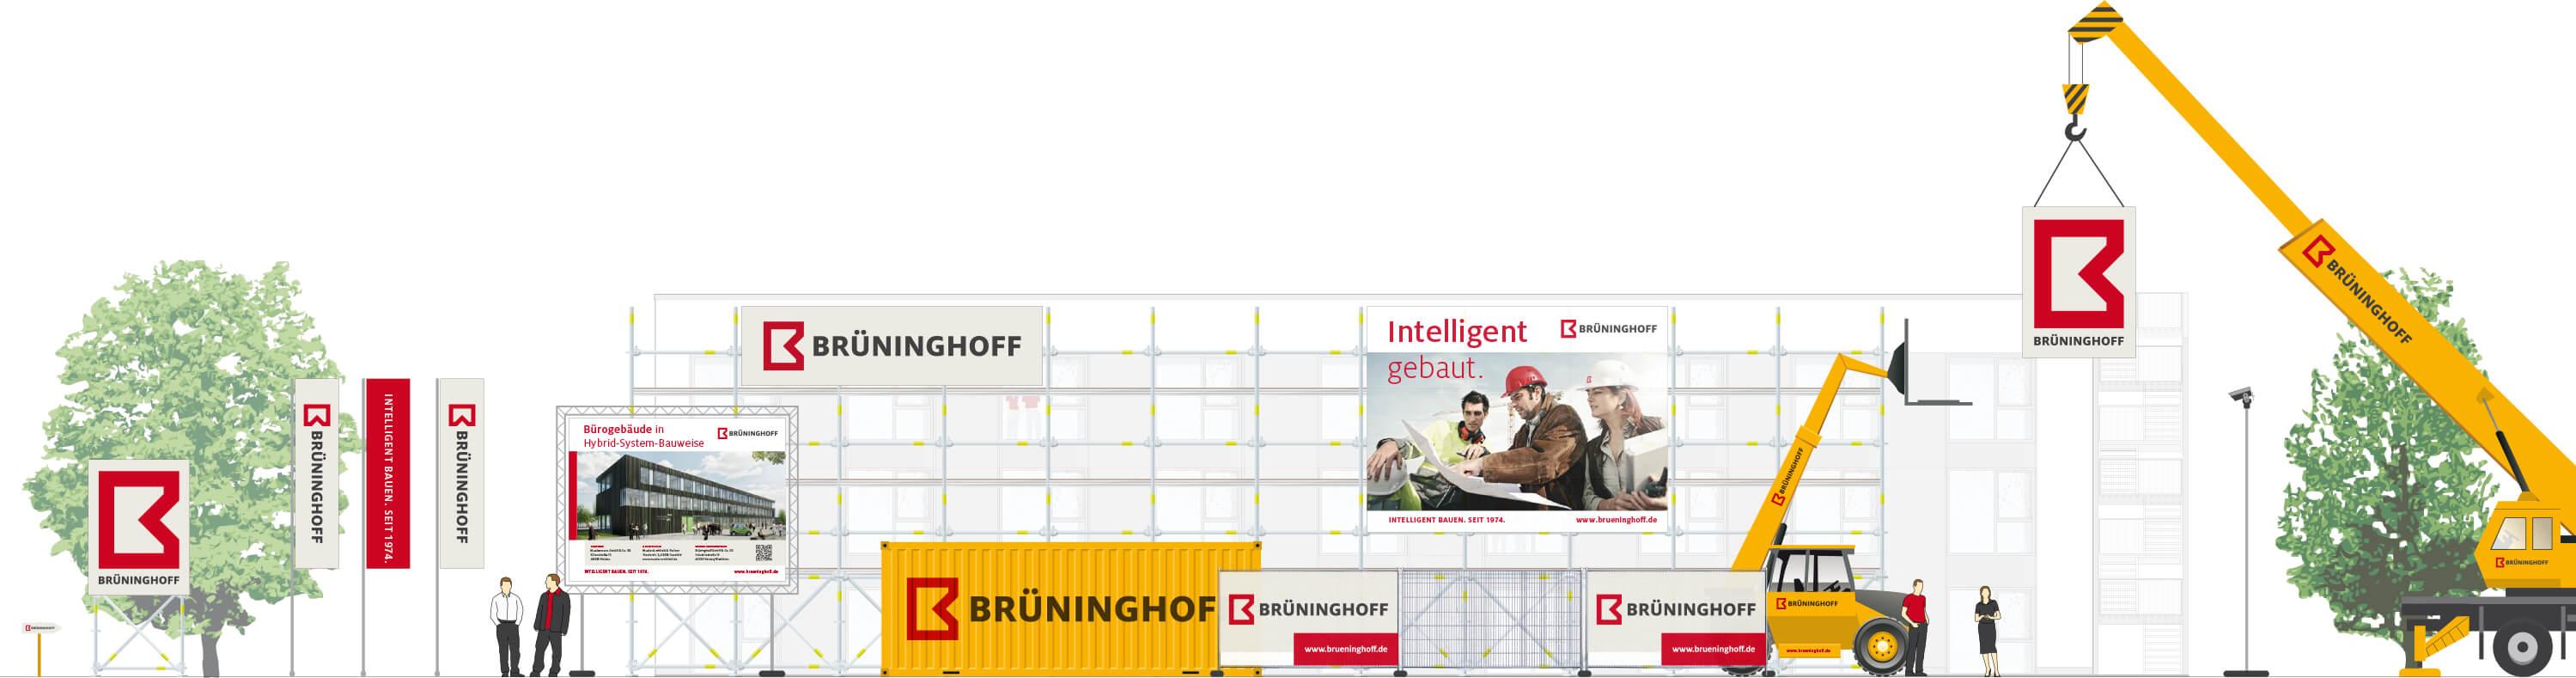 Brüninghoff